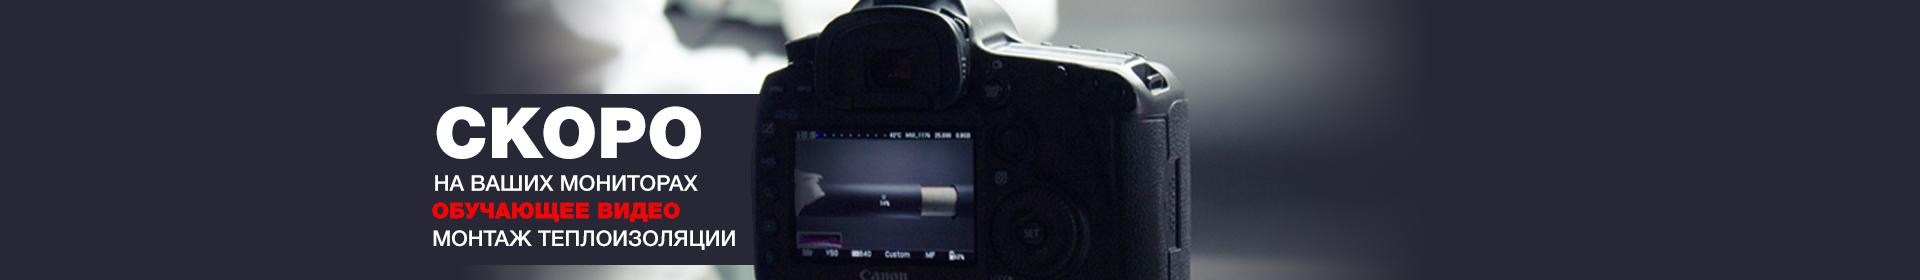 Видео — монтаж теплоизоляции